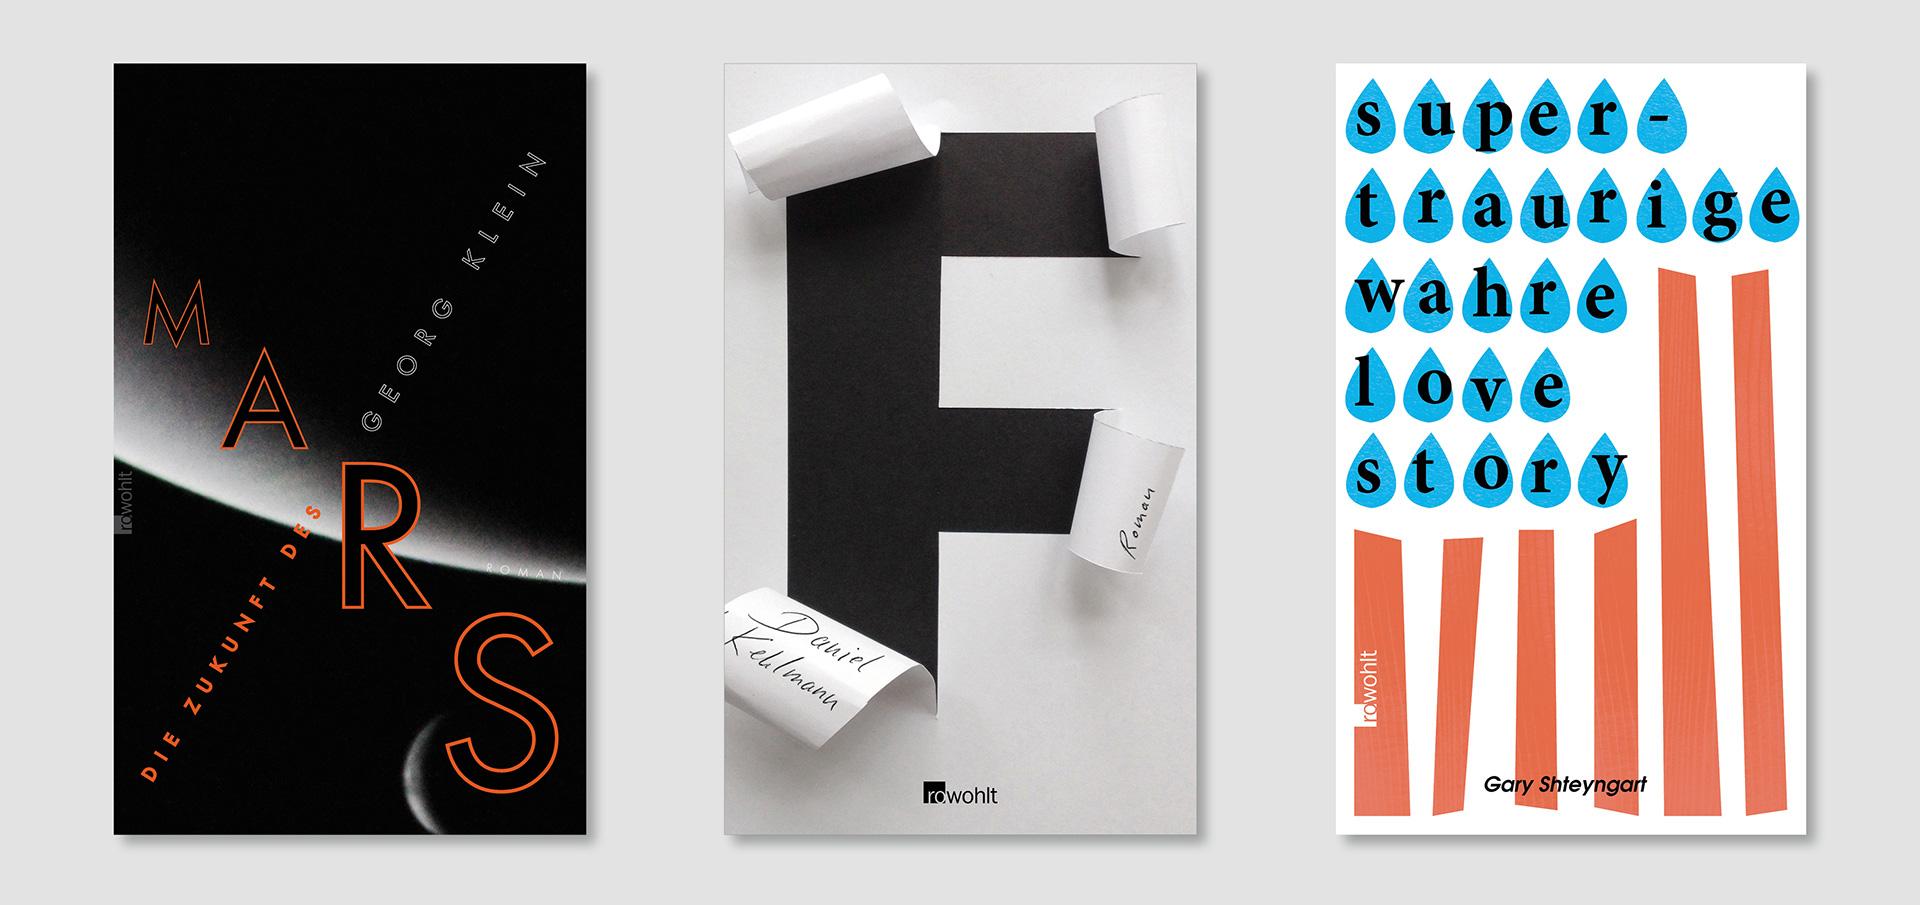 Martin-Steiner-Gestaltung-cover